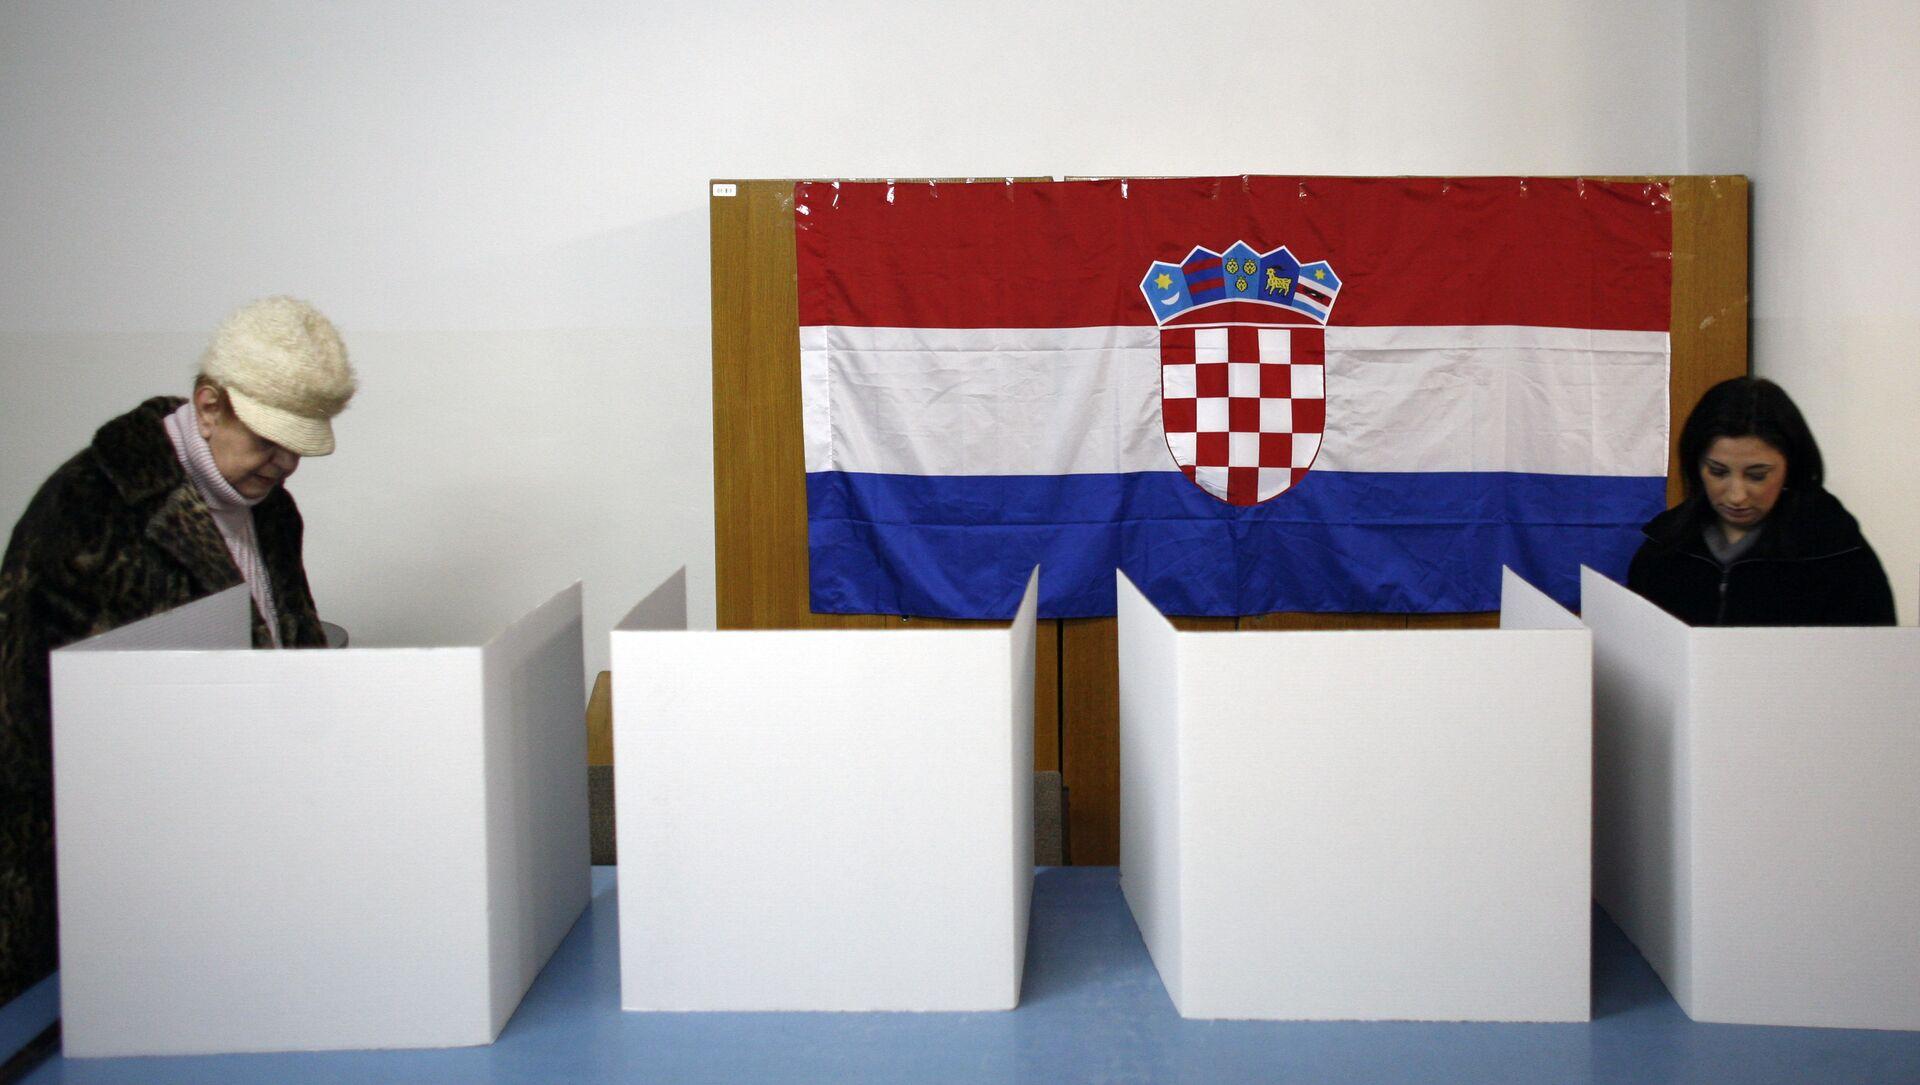 Избори у Хрватској  - Sputnik Србија, 1920, 30.05.2021